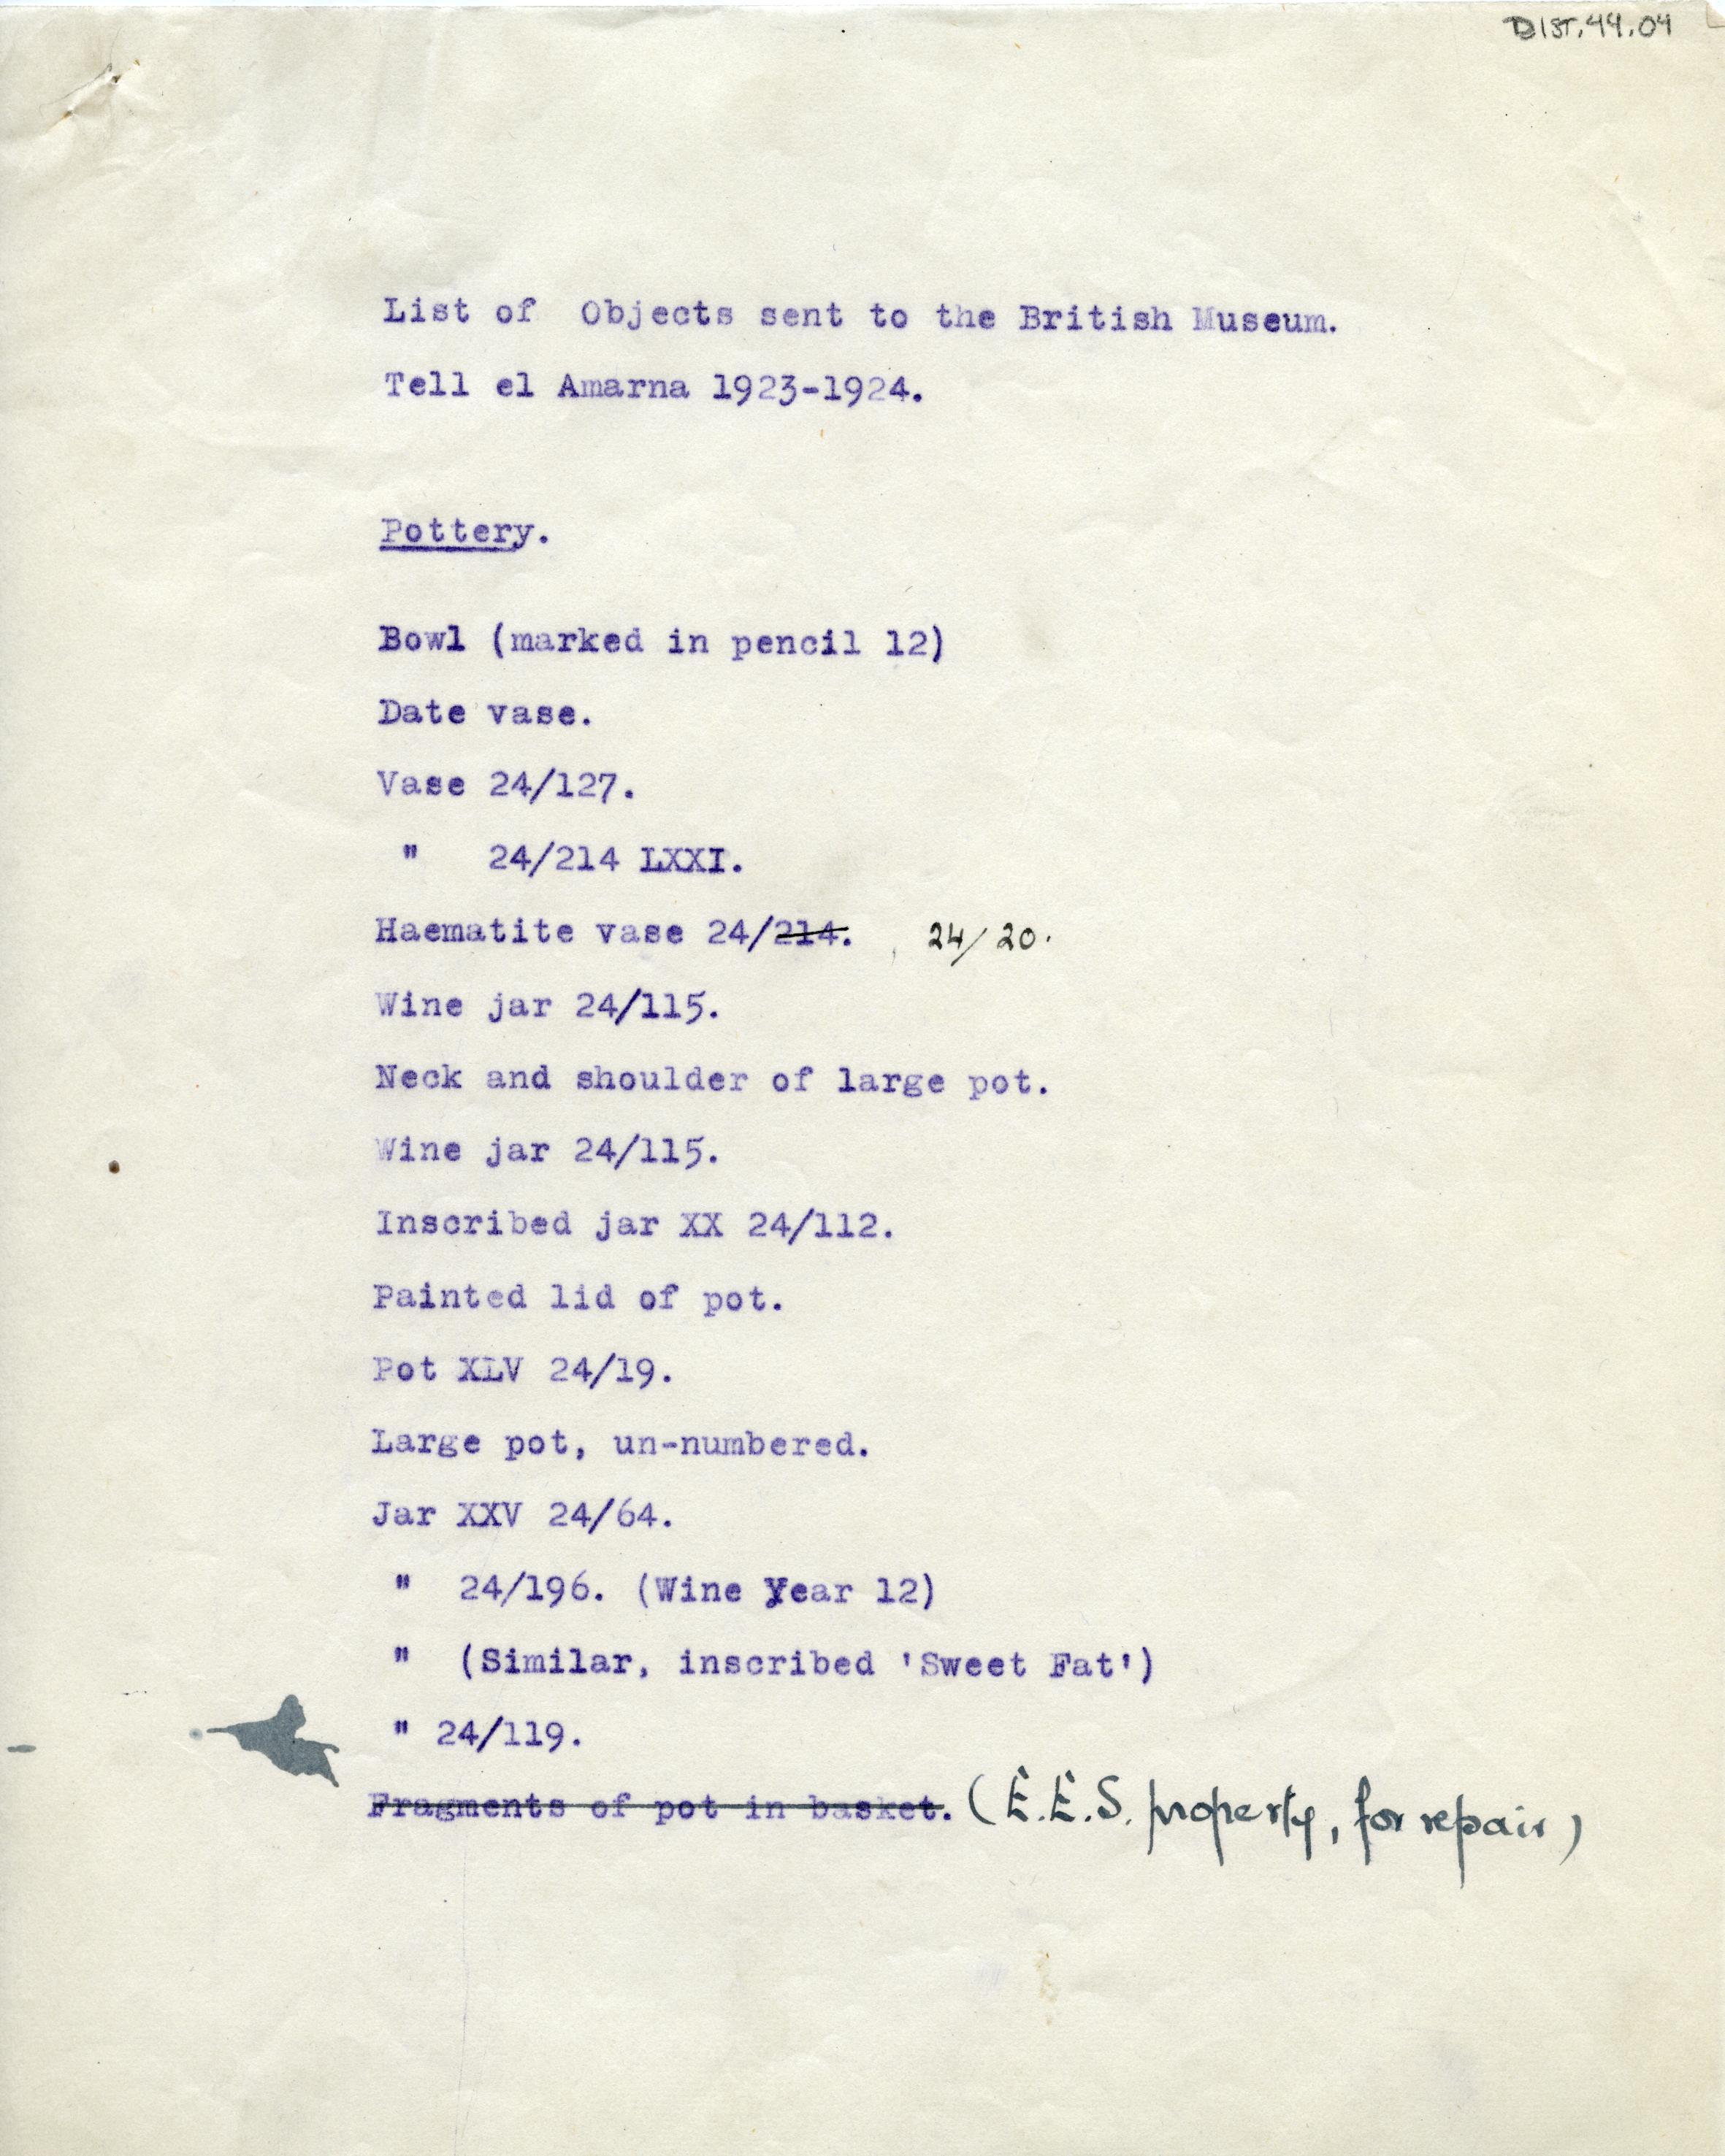 1923-25 el-Amarna DIST.44.04a